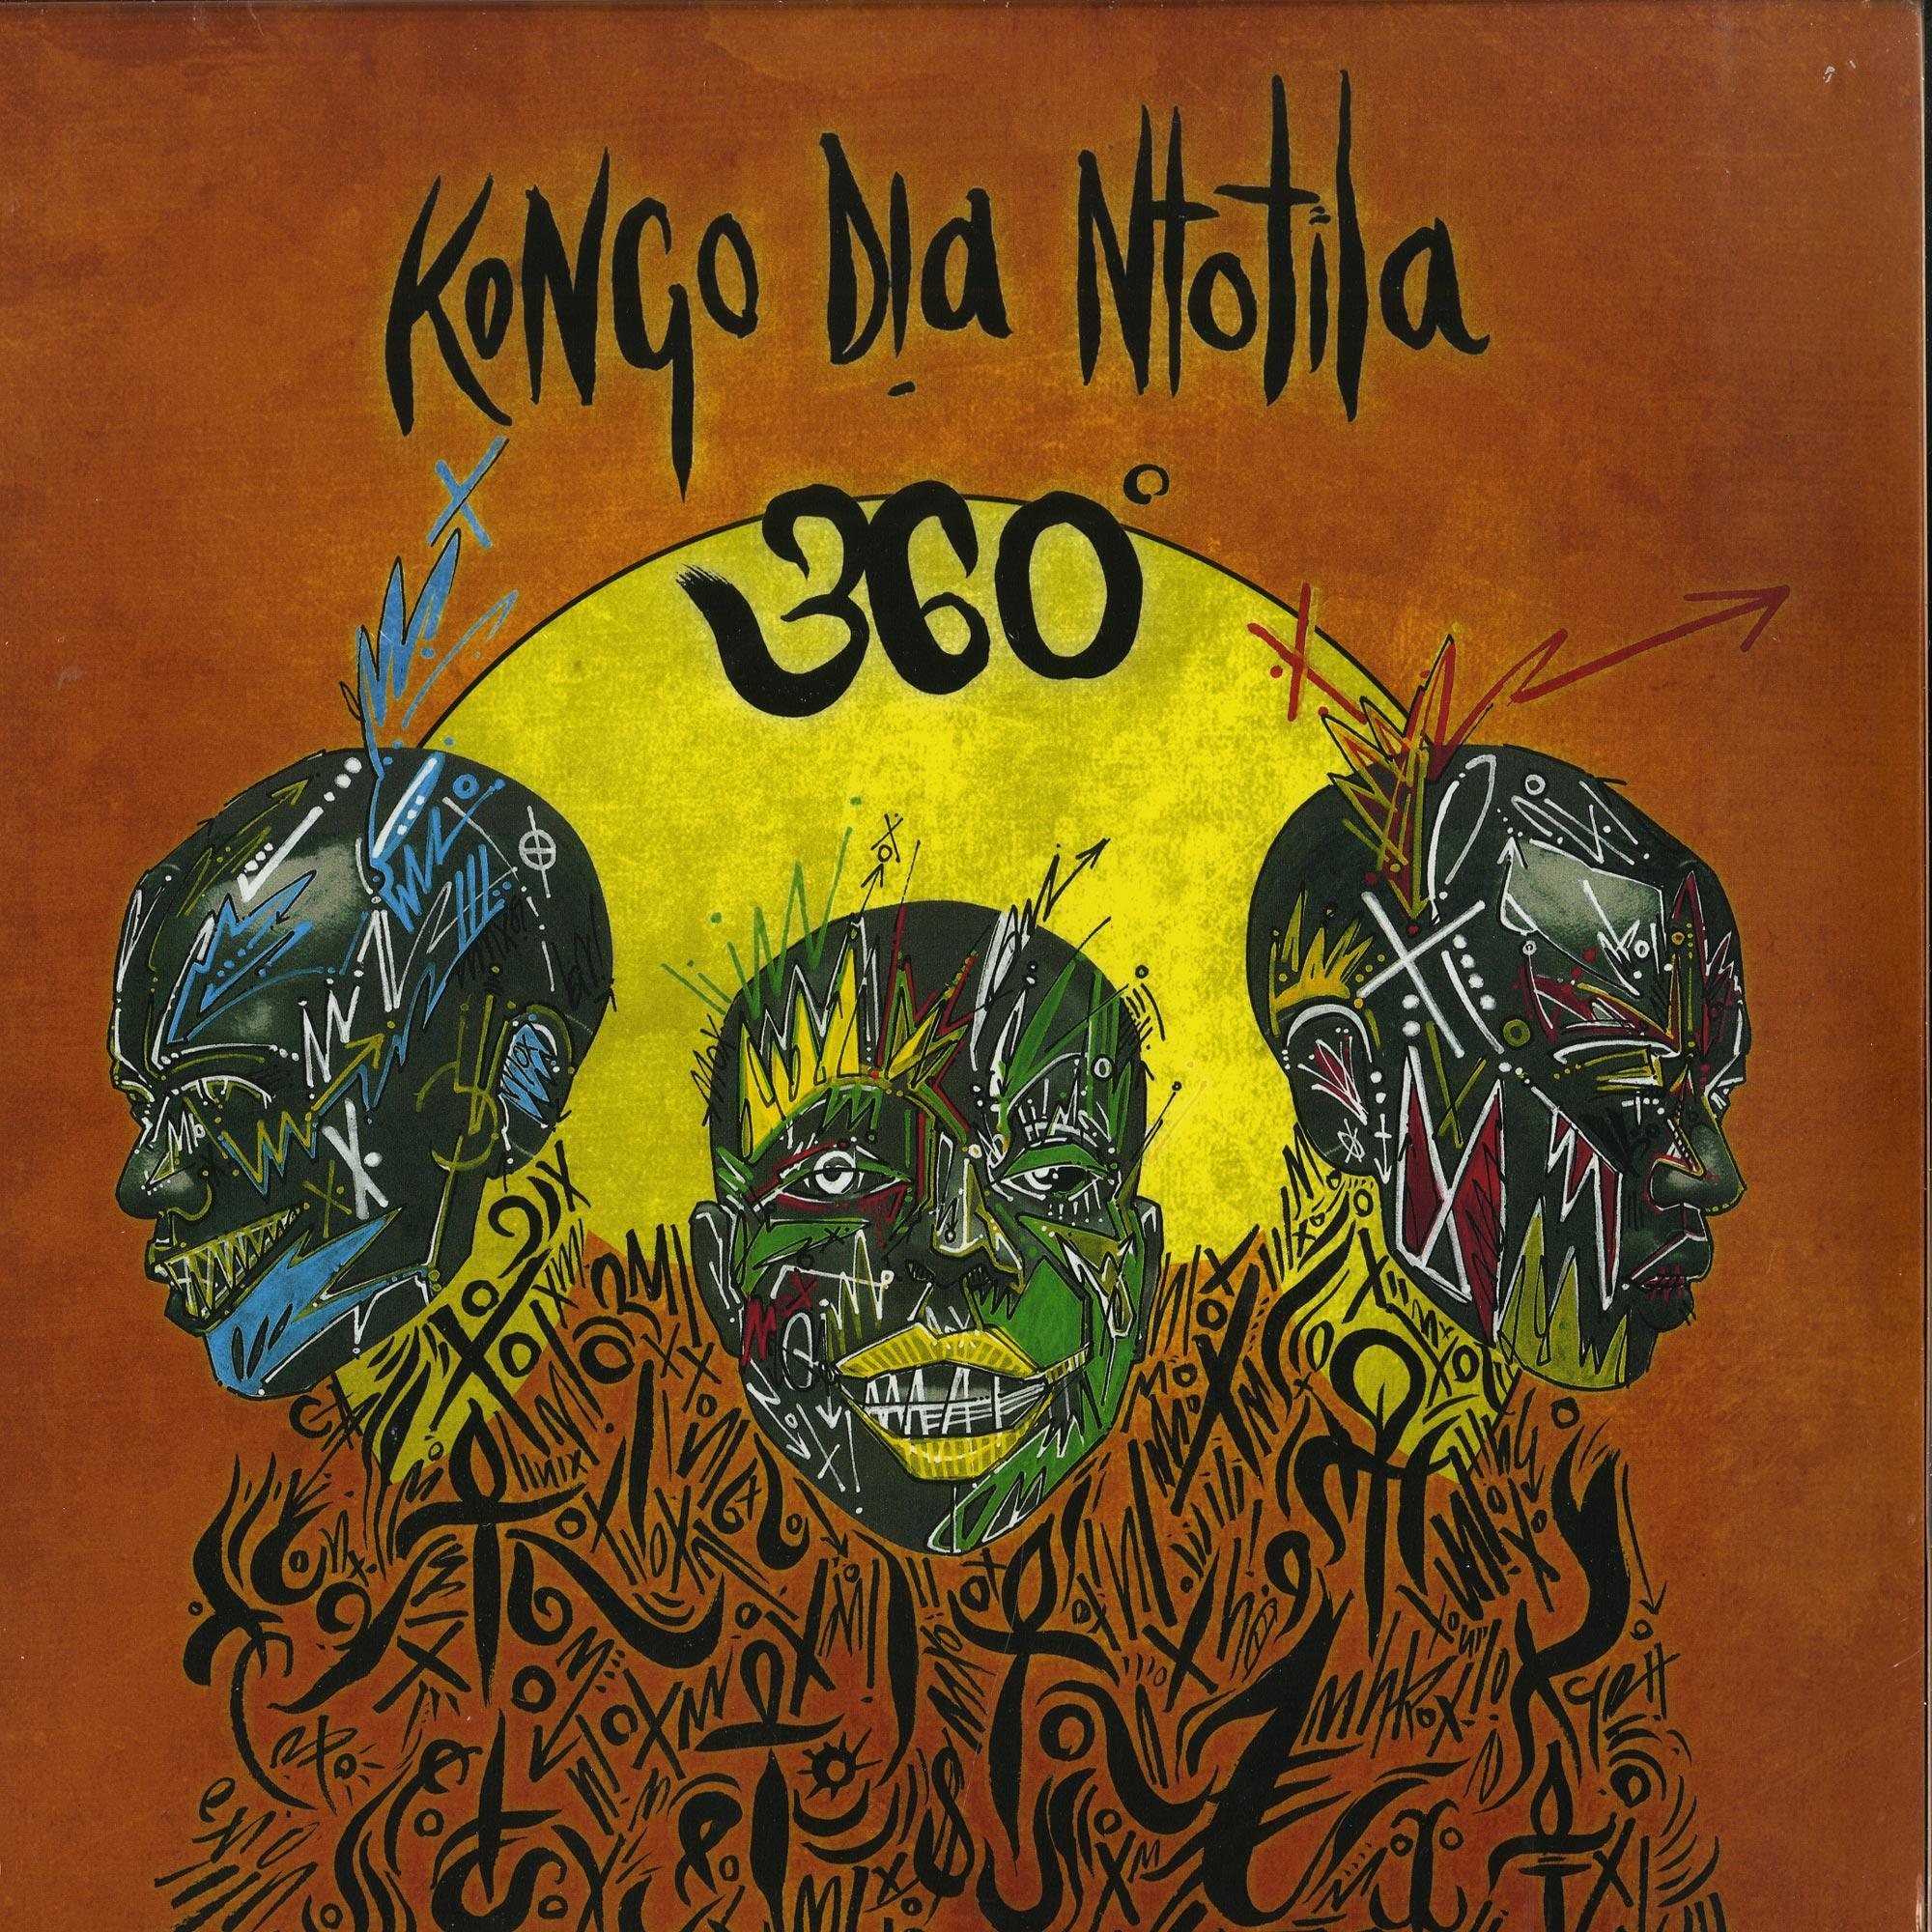 Kongo Dia Ntotila - 360 DEGREES